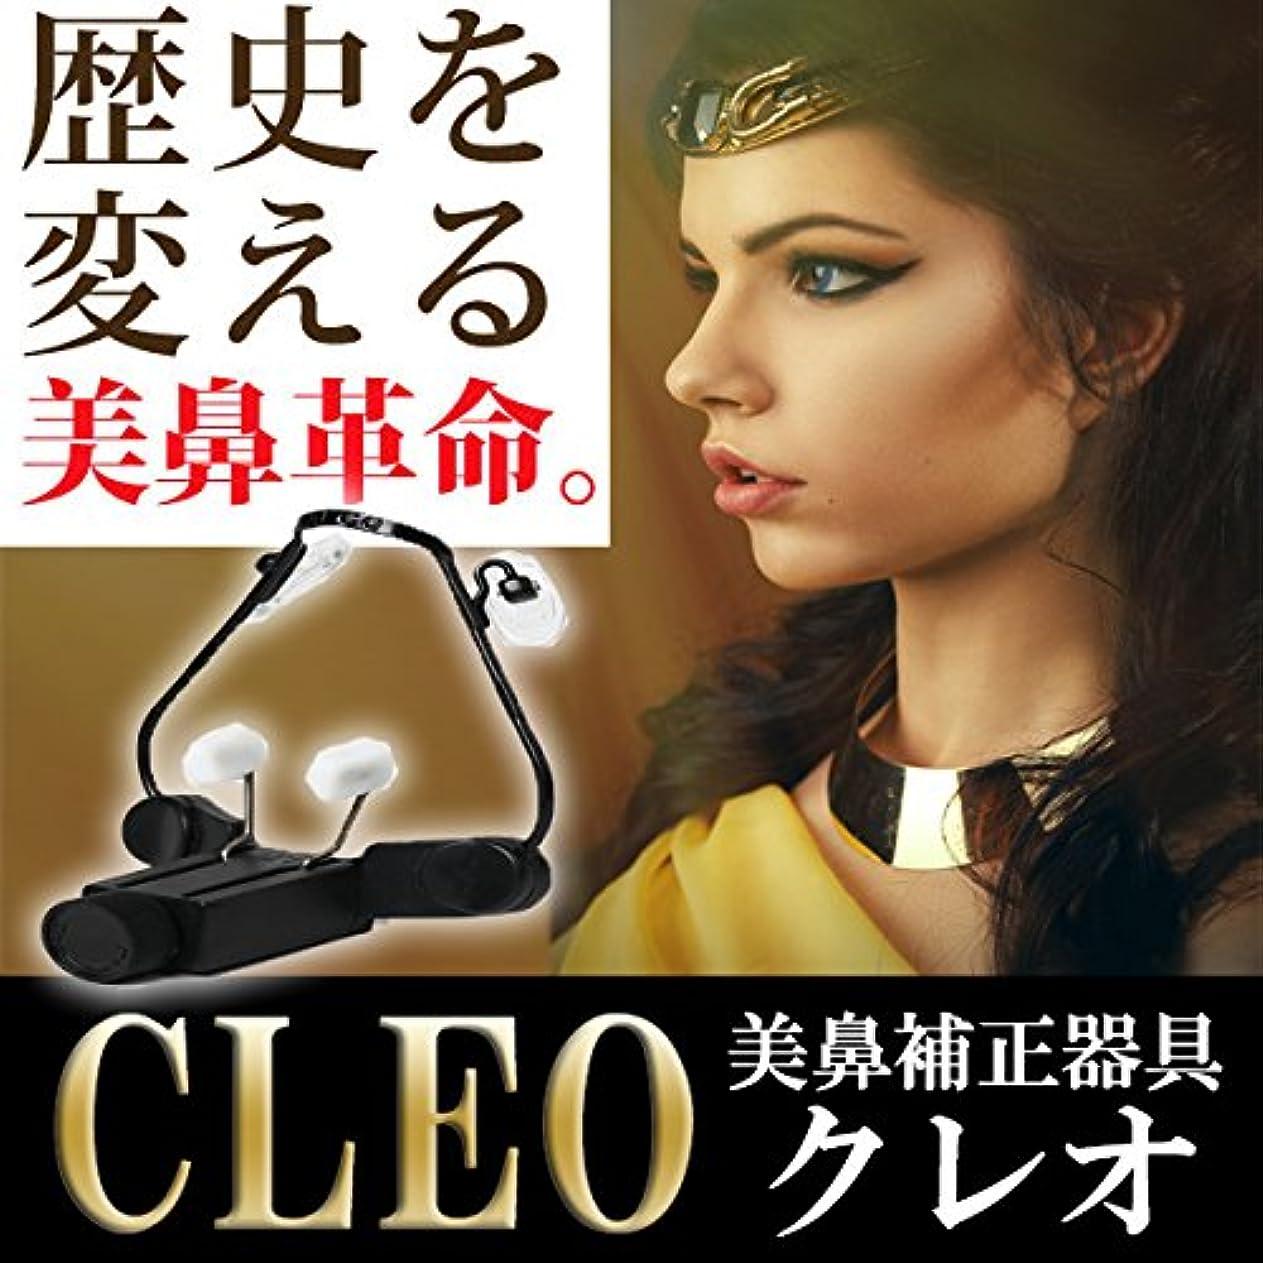 対処他のバンドで致死美鼻補整器具CLEO(クレオ)|1日10分できりっと通った鼻筋を目指せ!